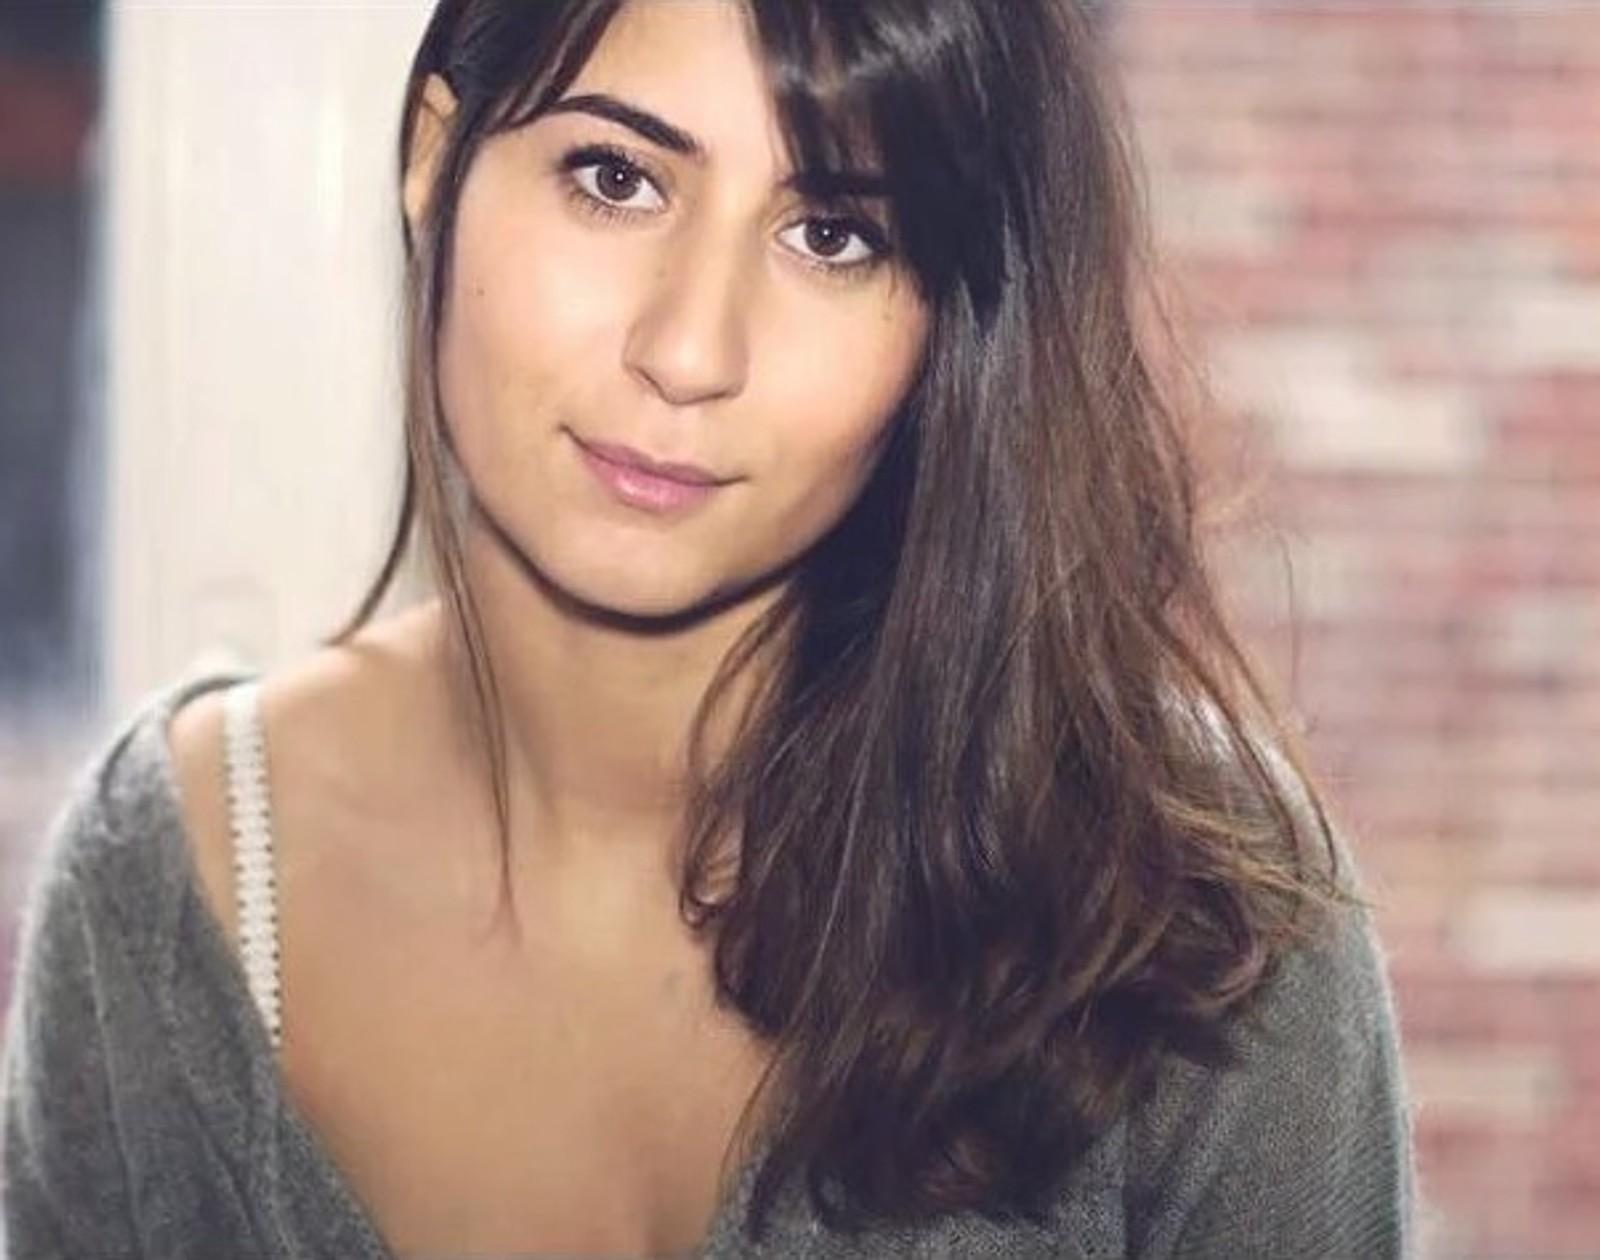 DREPT: Belgiske Elif Dogan (26) mistet livet sammen med kjæresten Milko. Hun bodde i Belgia, men reiste ofte til Paris med jobben. På Bataclan ble hun skutt og drept.